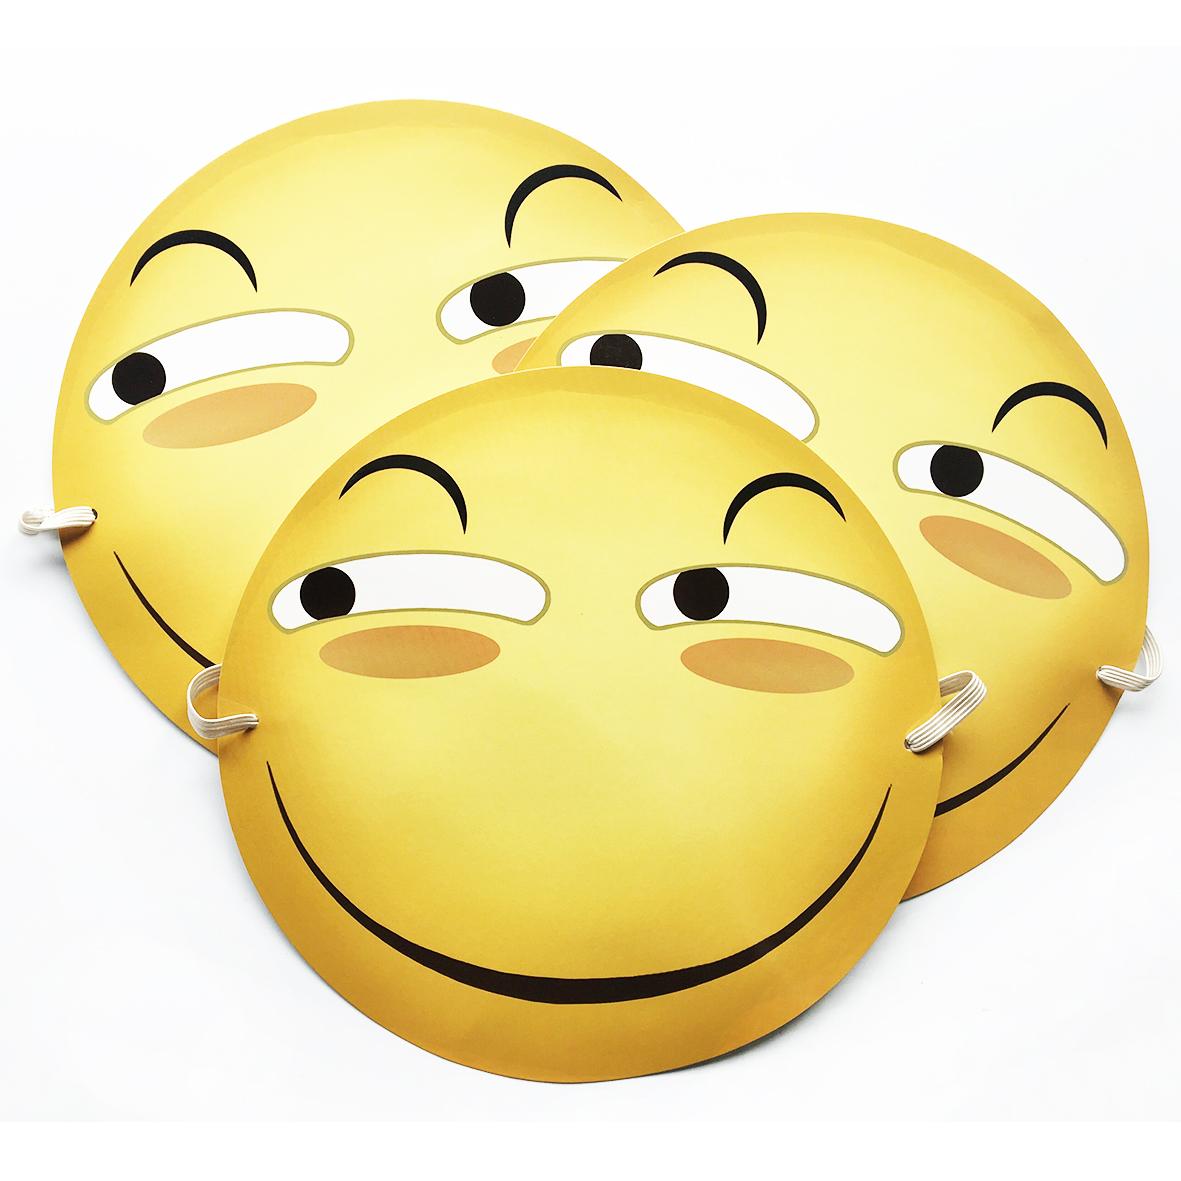 动画[搞笑变形金刚正品]变形金刚搞笑动画片评图和搞笑Q版jr詹姆斯图片